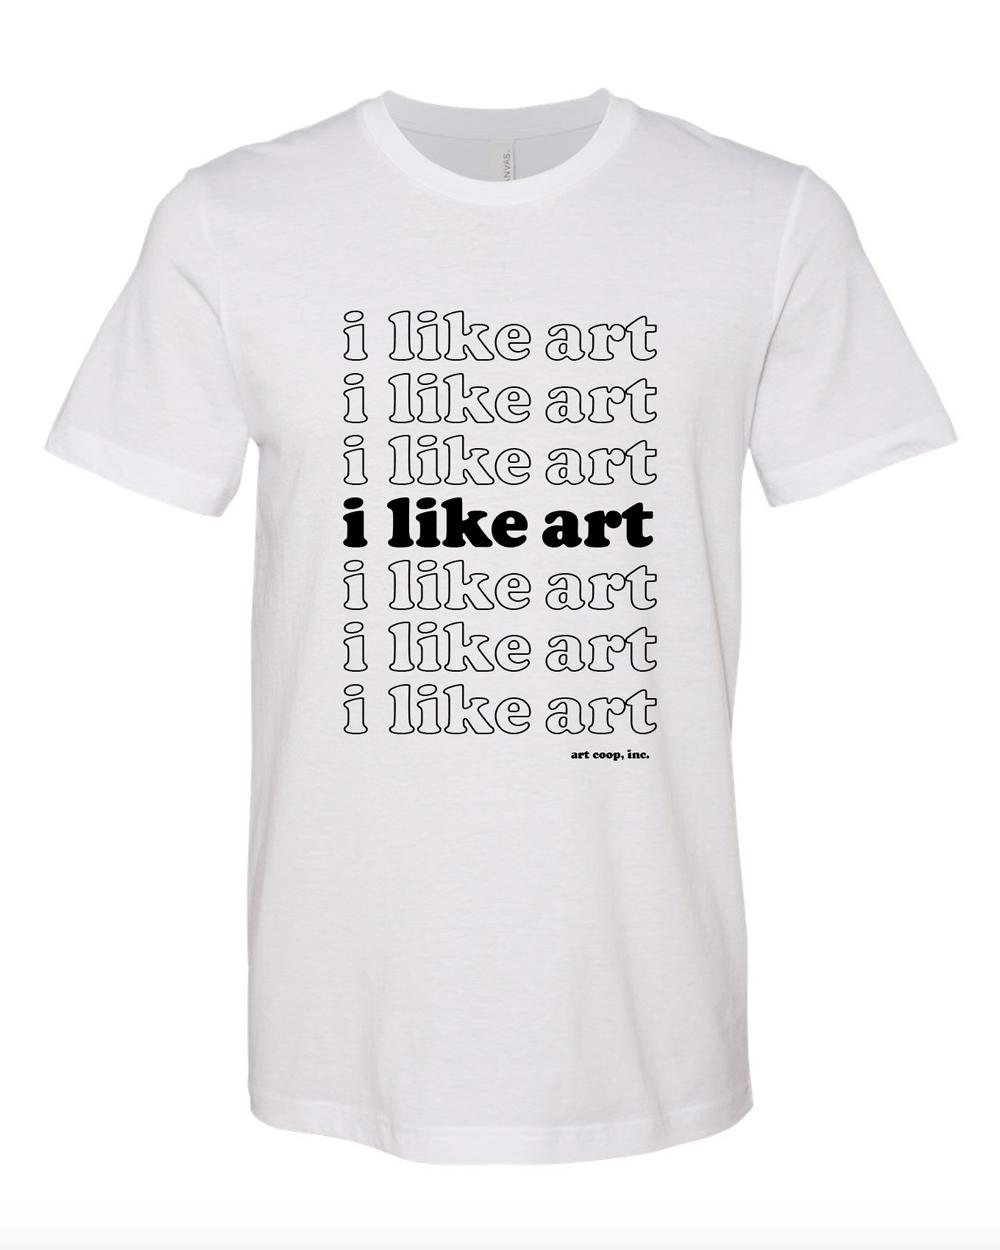 i like art, white tee